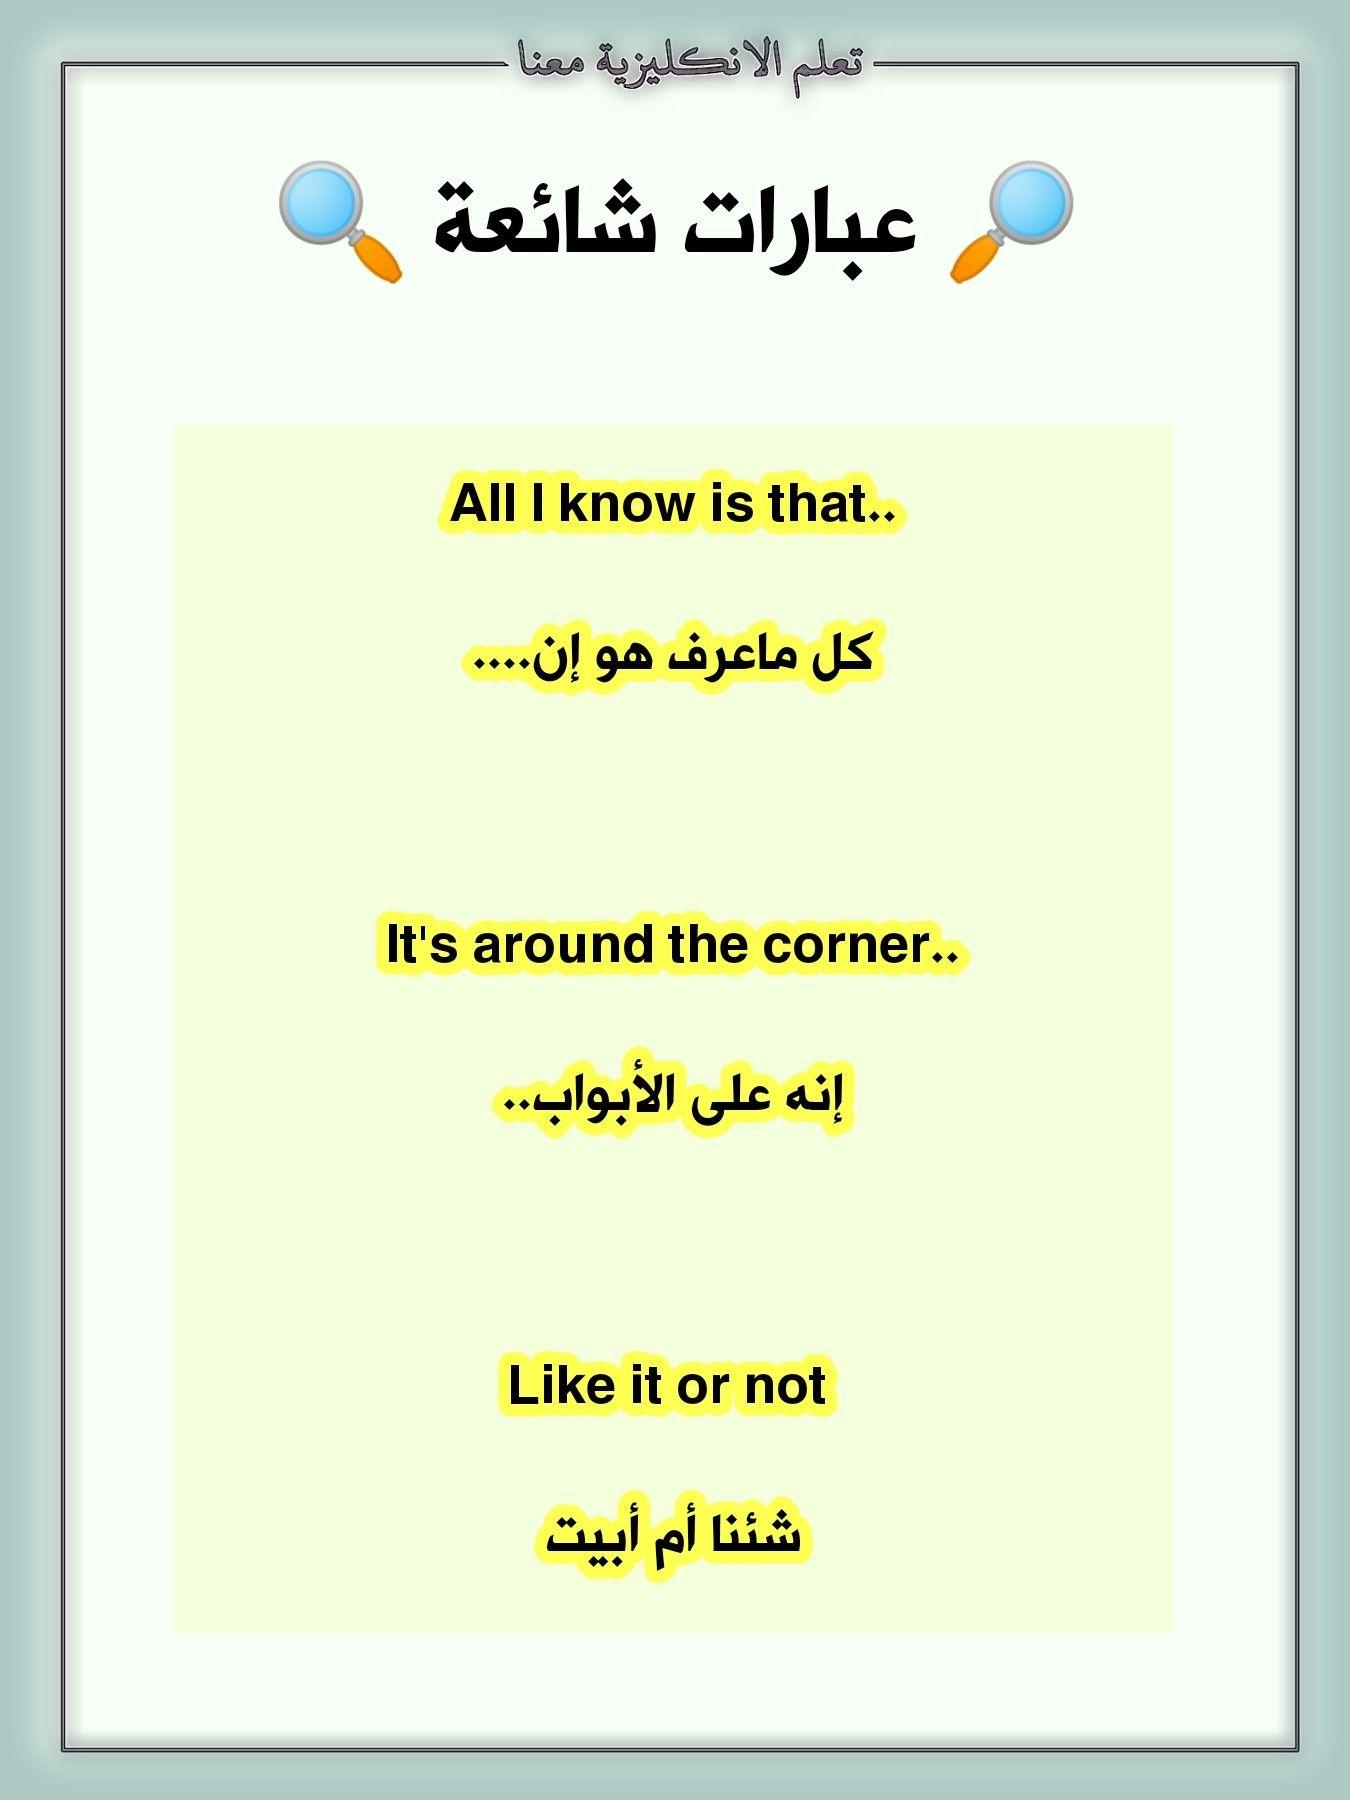 عبارات انجليزية شائعة عبارات انجليزية تعلم الانكليزية Learn English English Words Beautiful Words In English